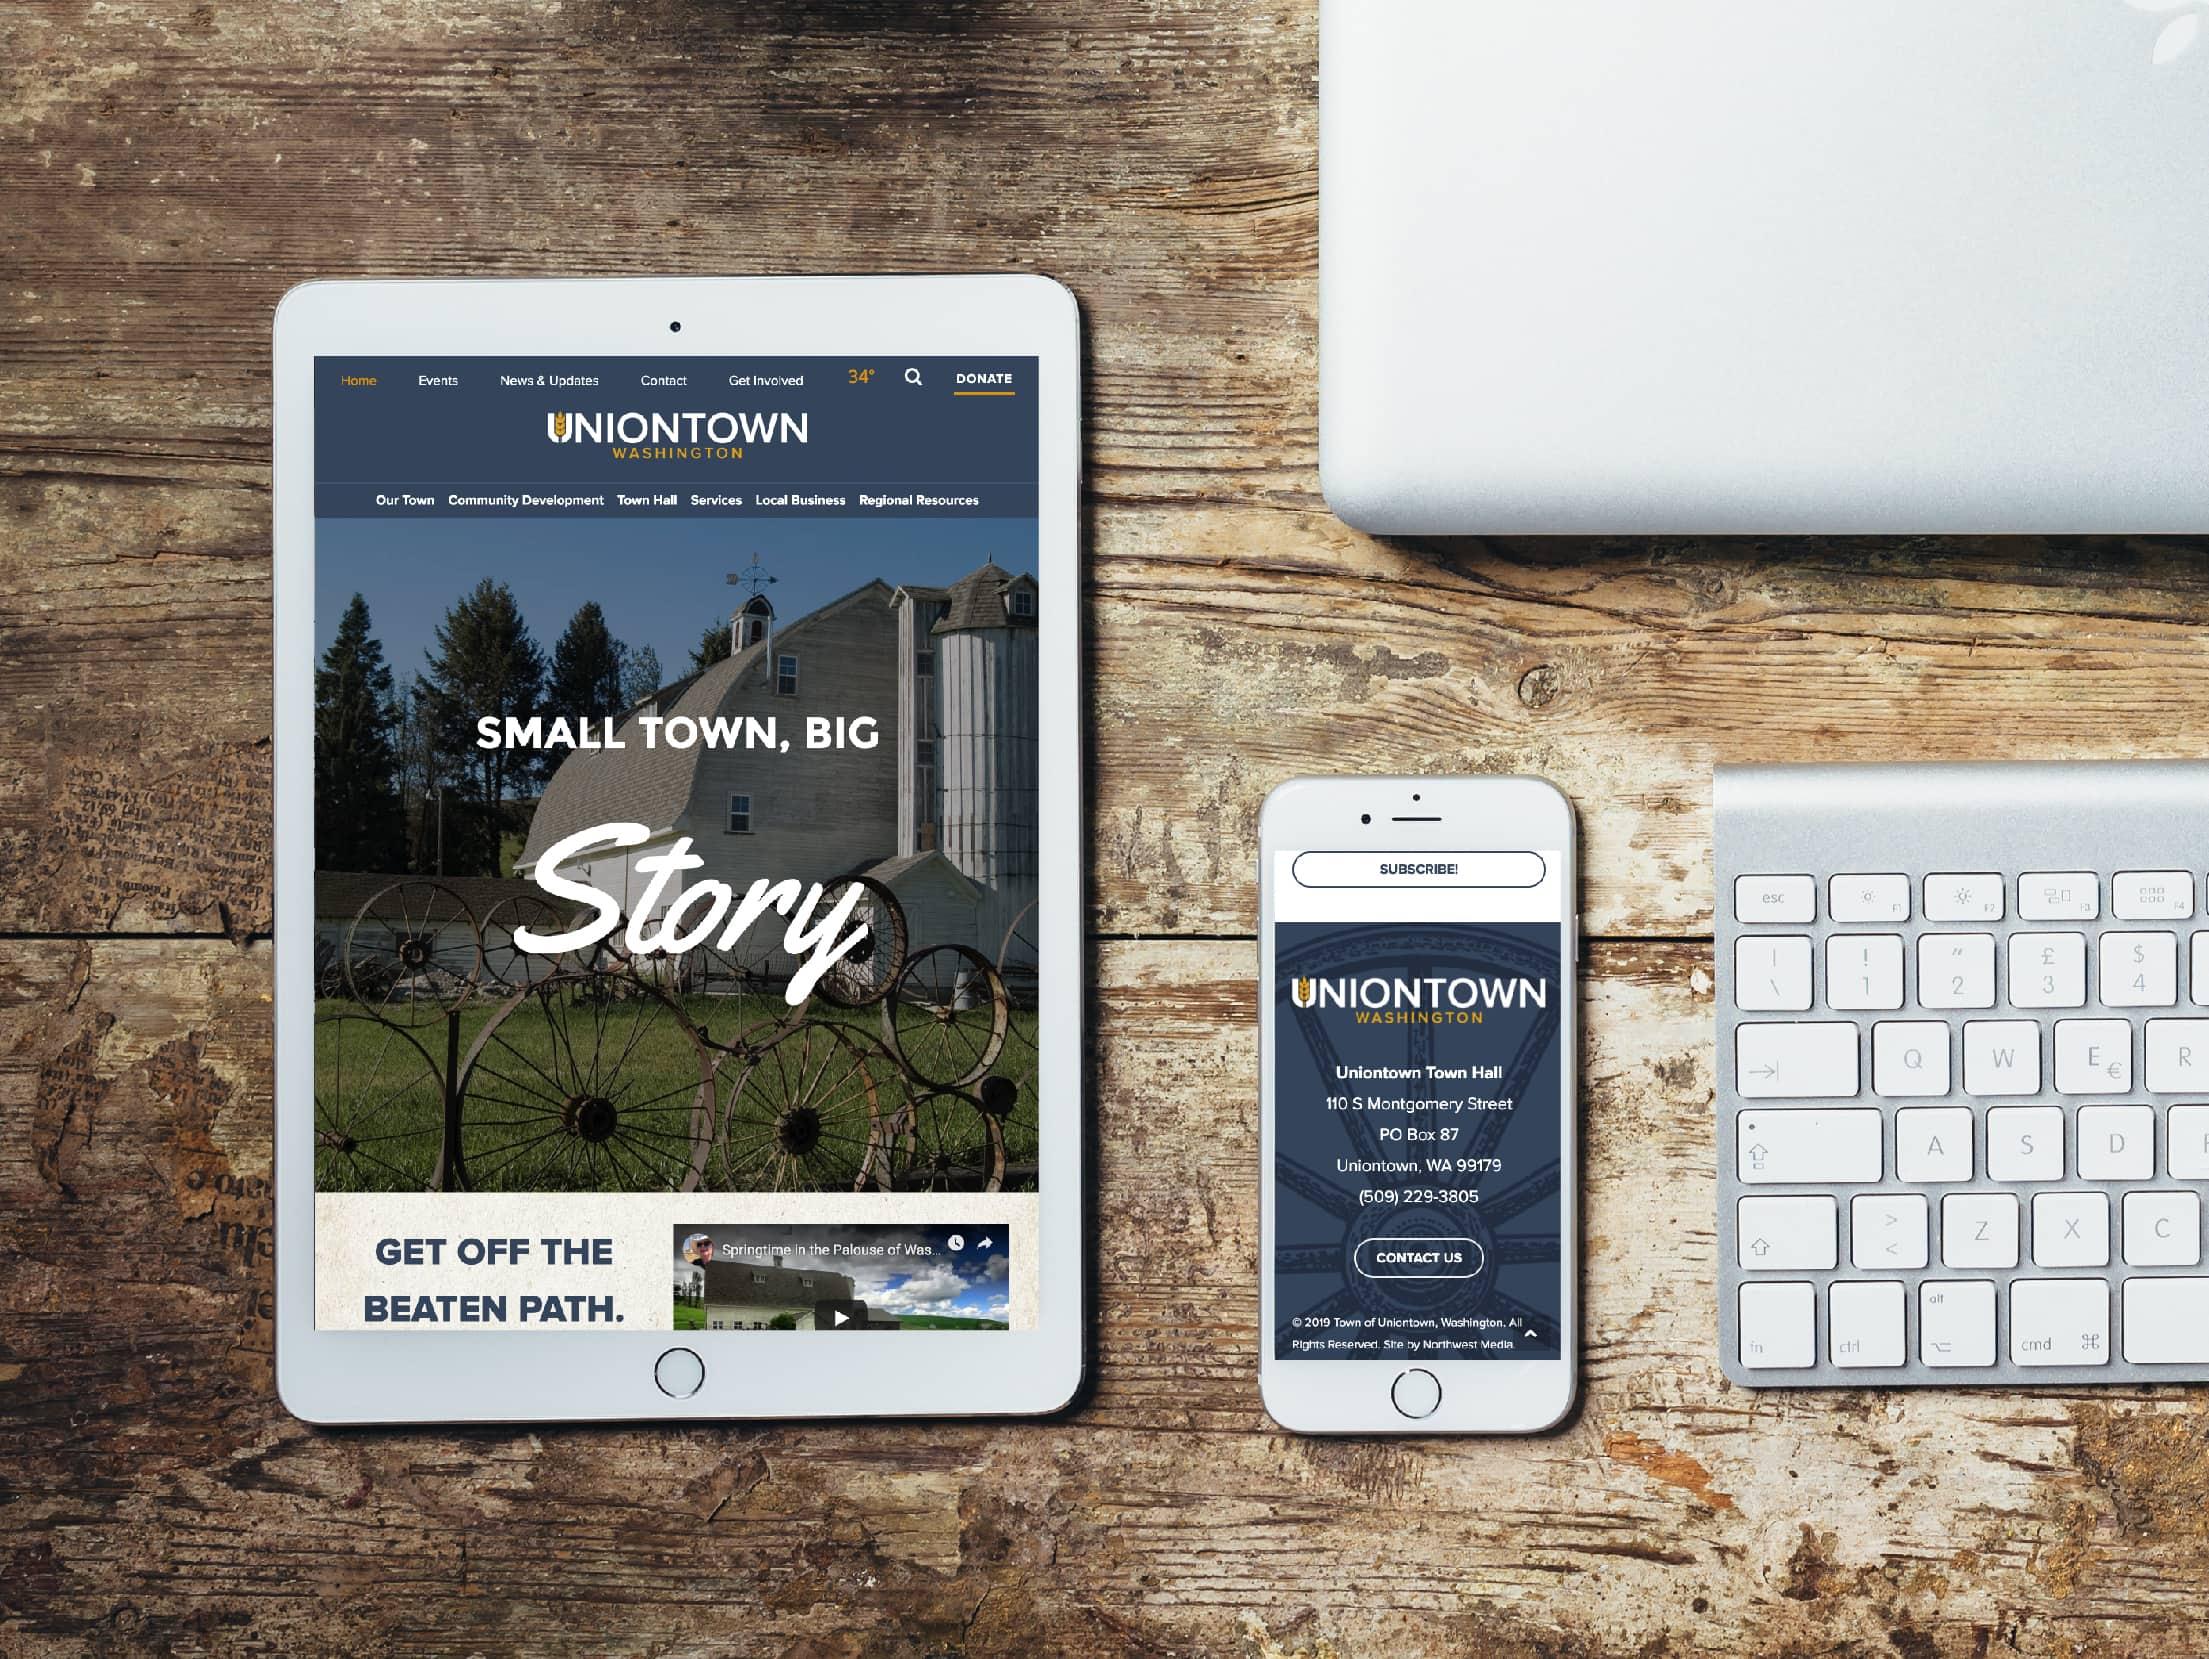 northwest-media-advertising-lewiston-idaho-washington-uniontown-washington_uniontown-03